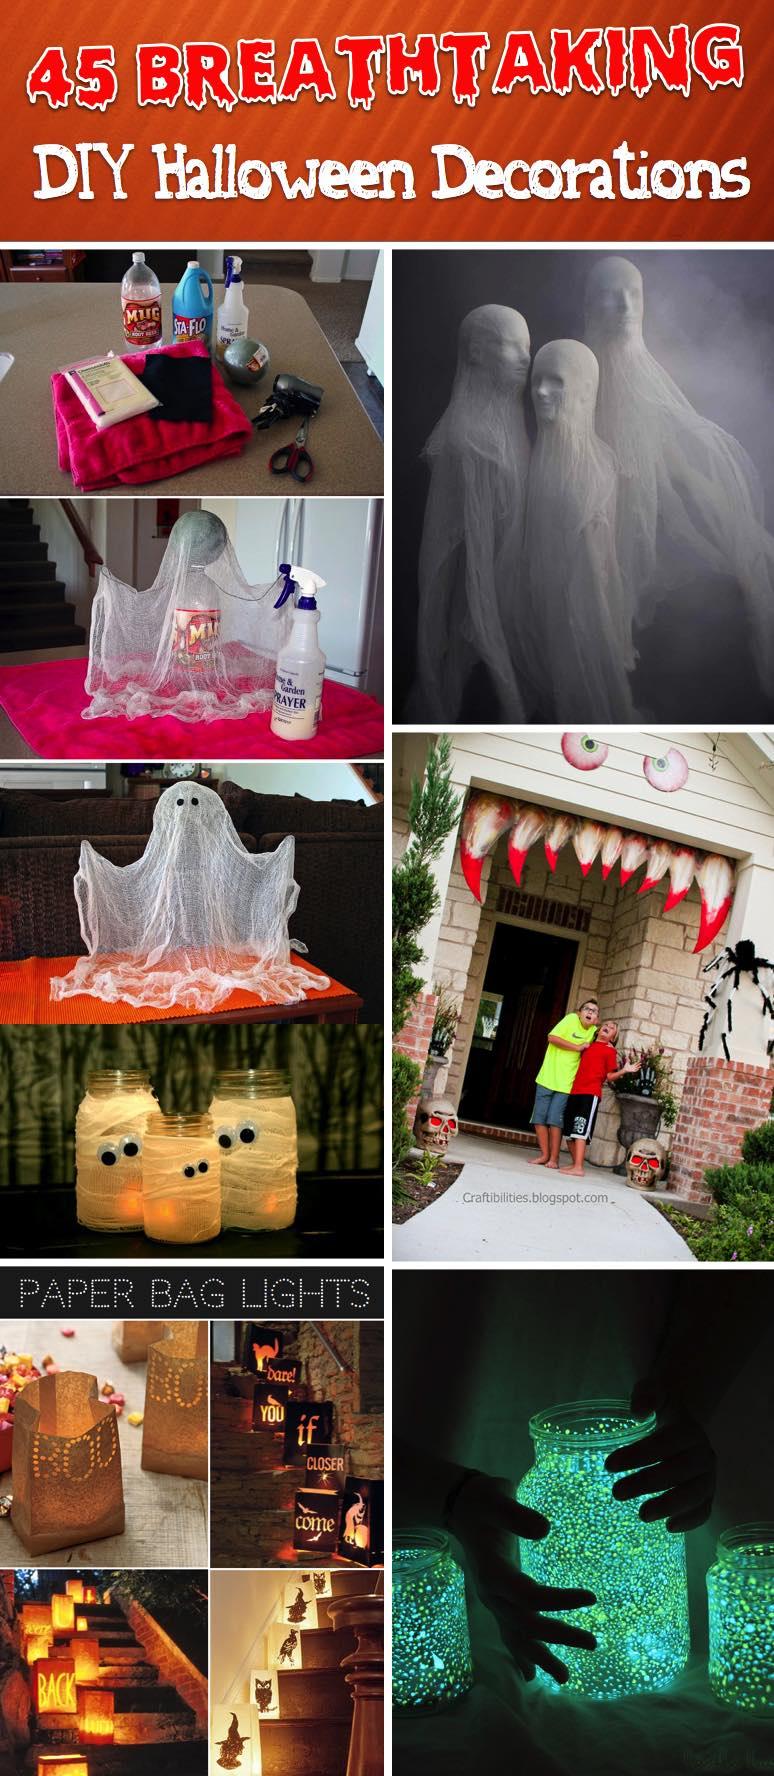 Napadynavody Sk 45 Najuzasnejsich Napadov Na Halloweenske Dekoracie Ktore Si Viete Vyrobit ľahko Aj Vy